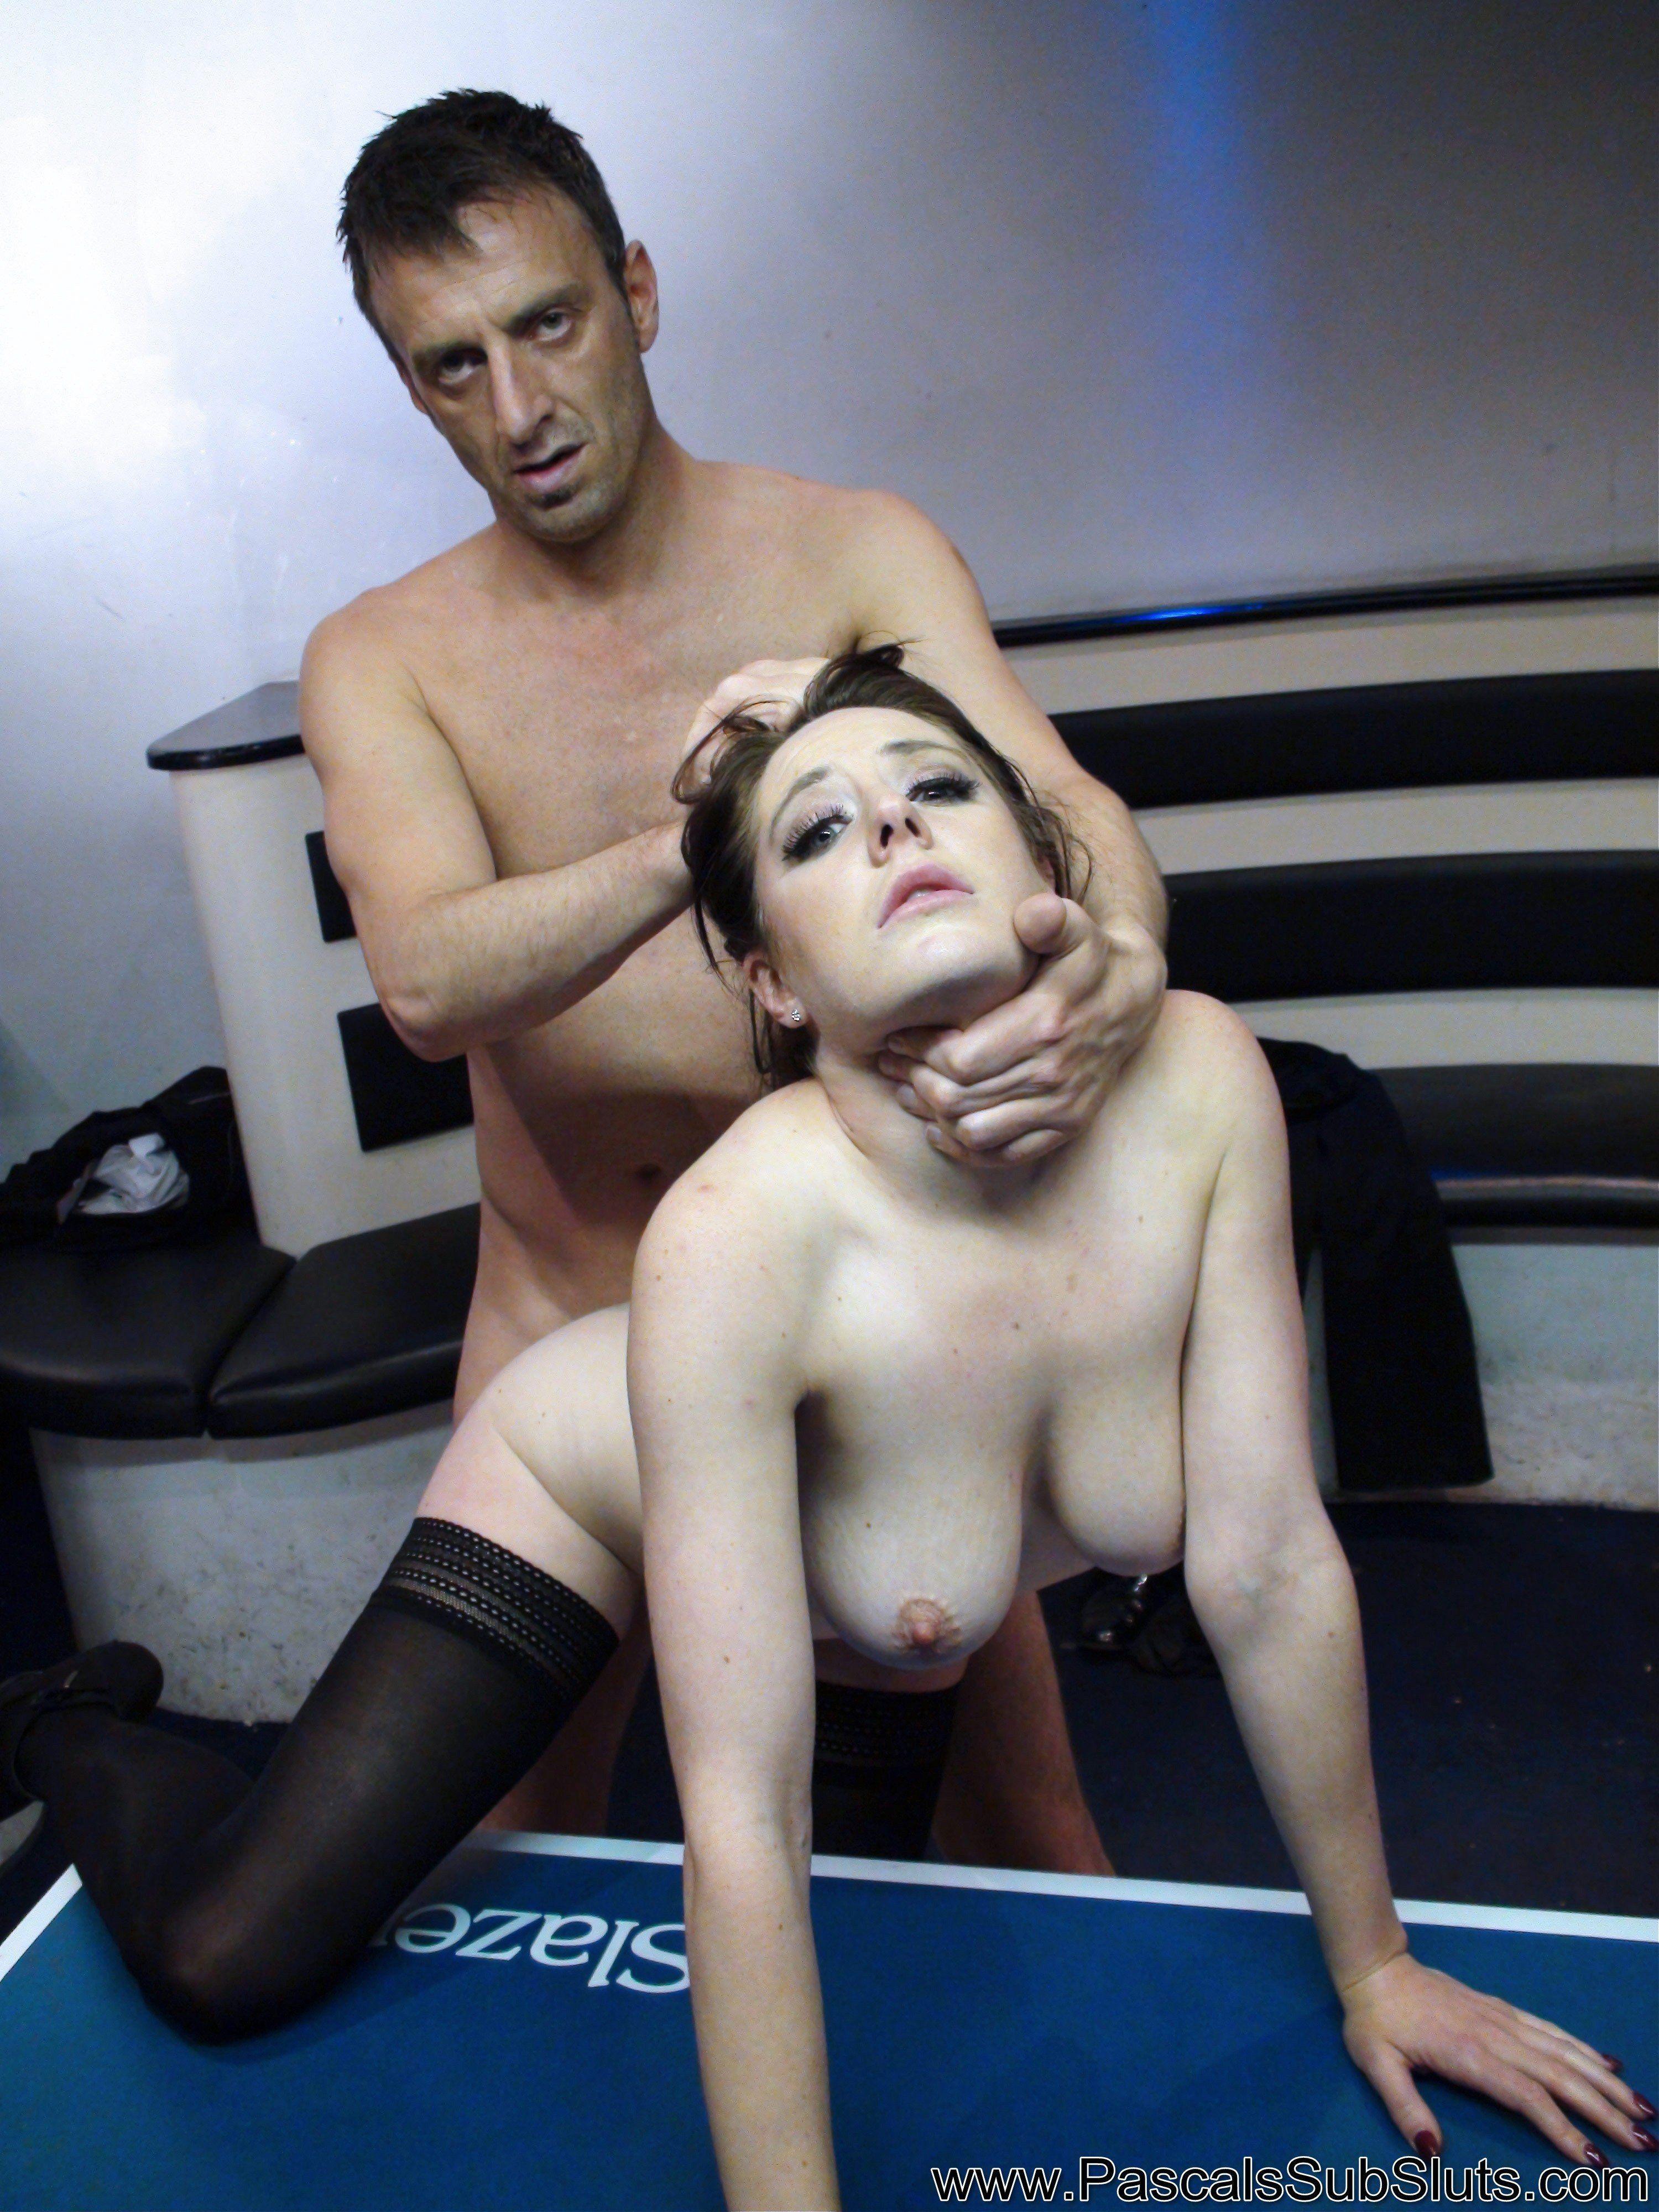 Ratman reccomend Sex slut sub